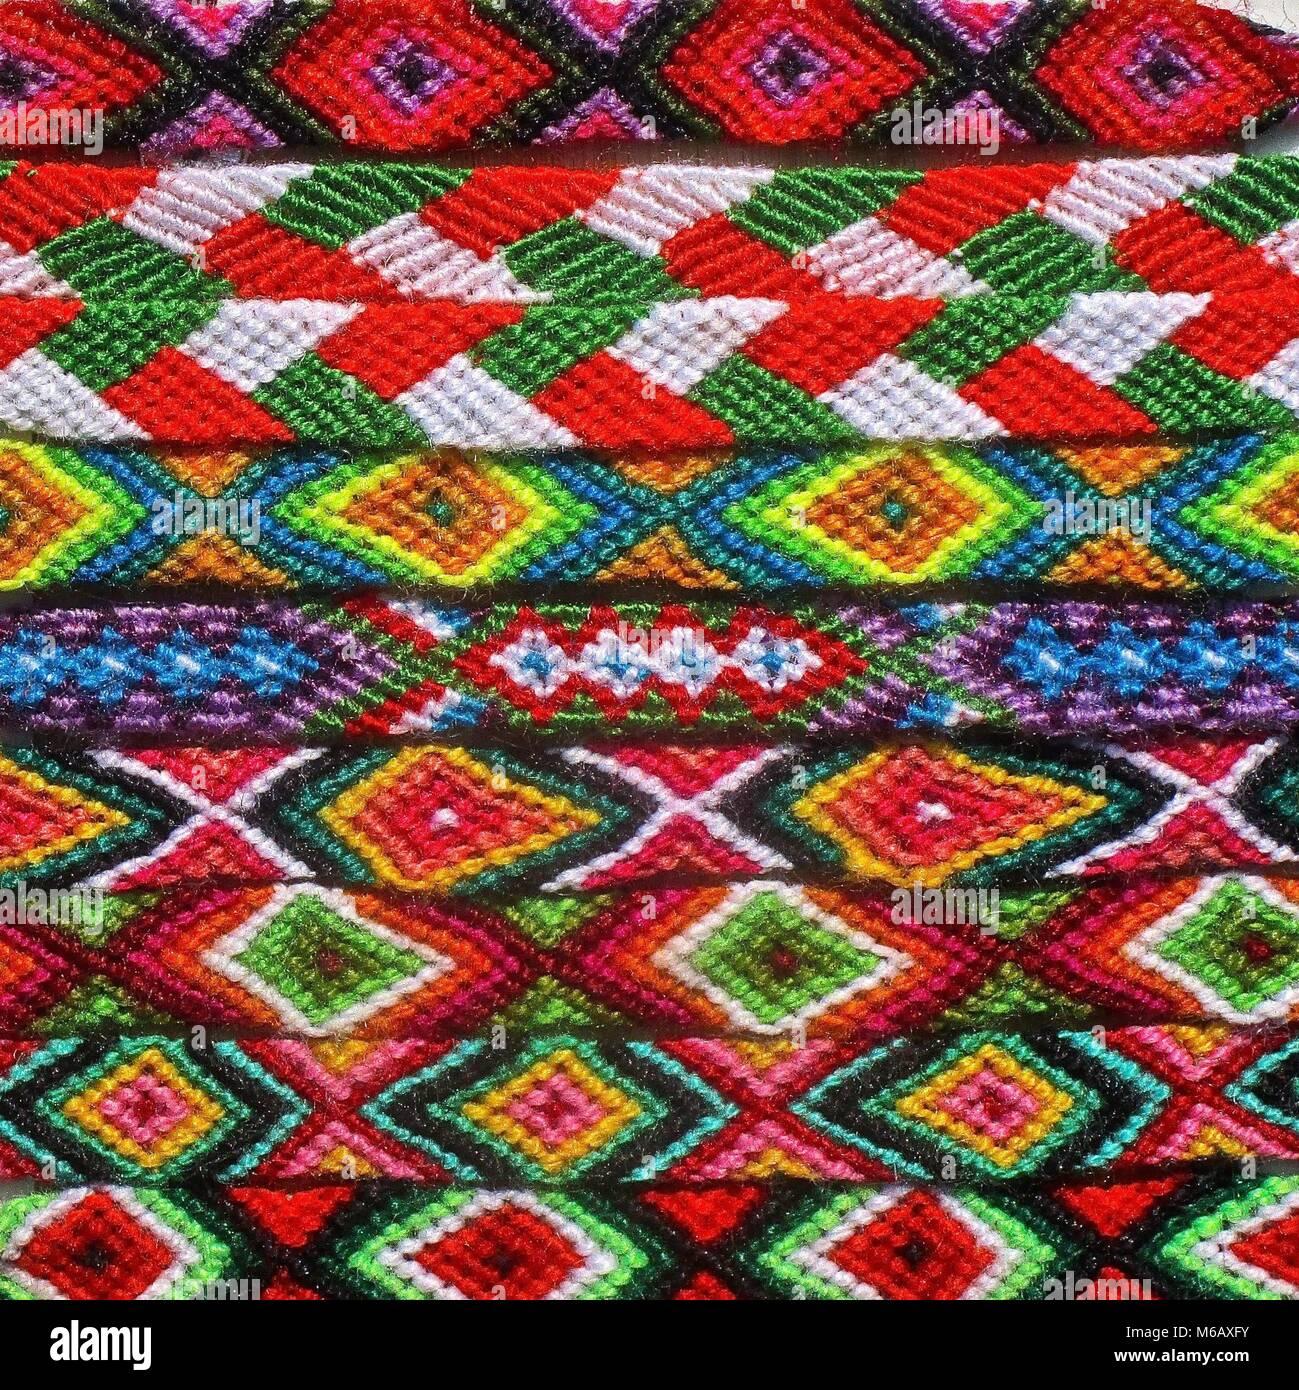 405dd0ddba1a Patrones de color en Nativos Americanos pulseras tejidas Foto ...